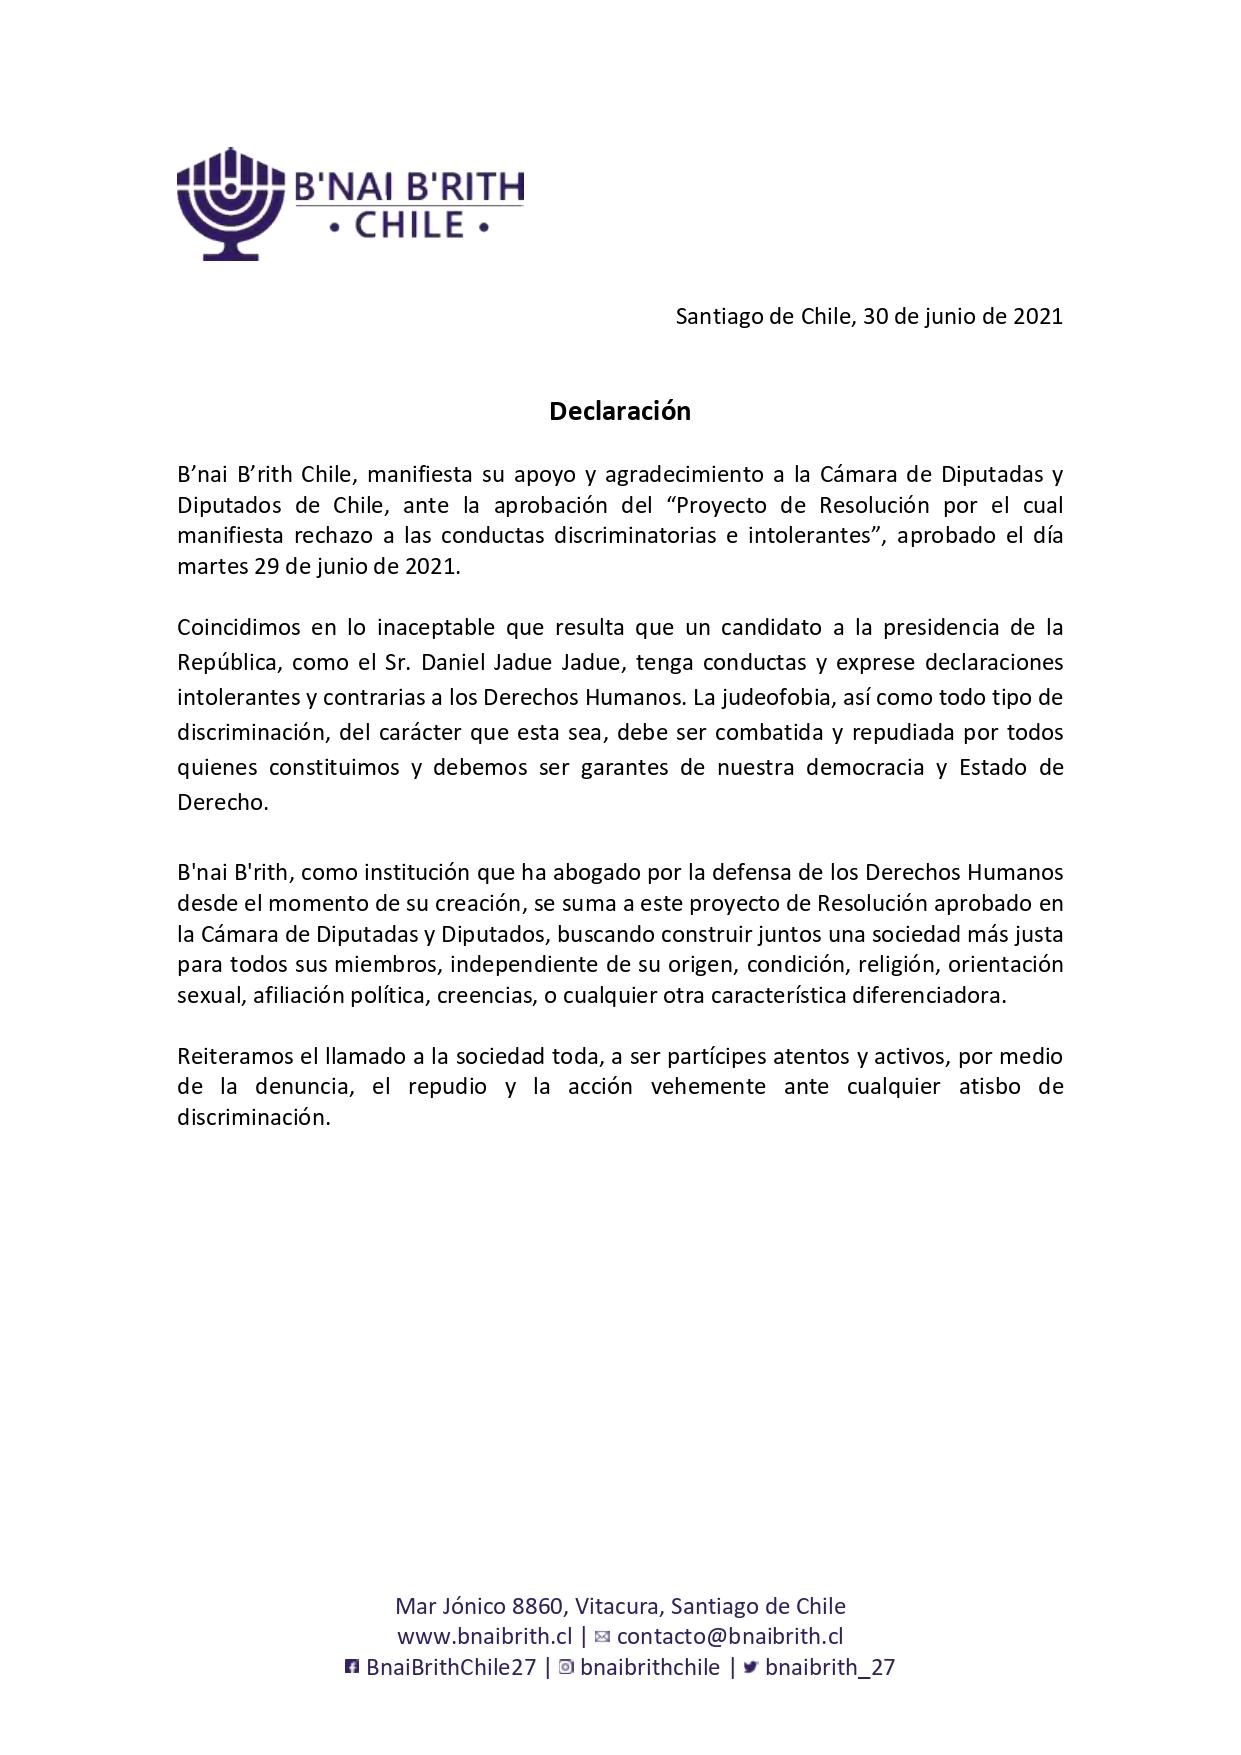 Declaración B'nai B'rith Chile – 30 de junio